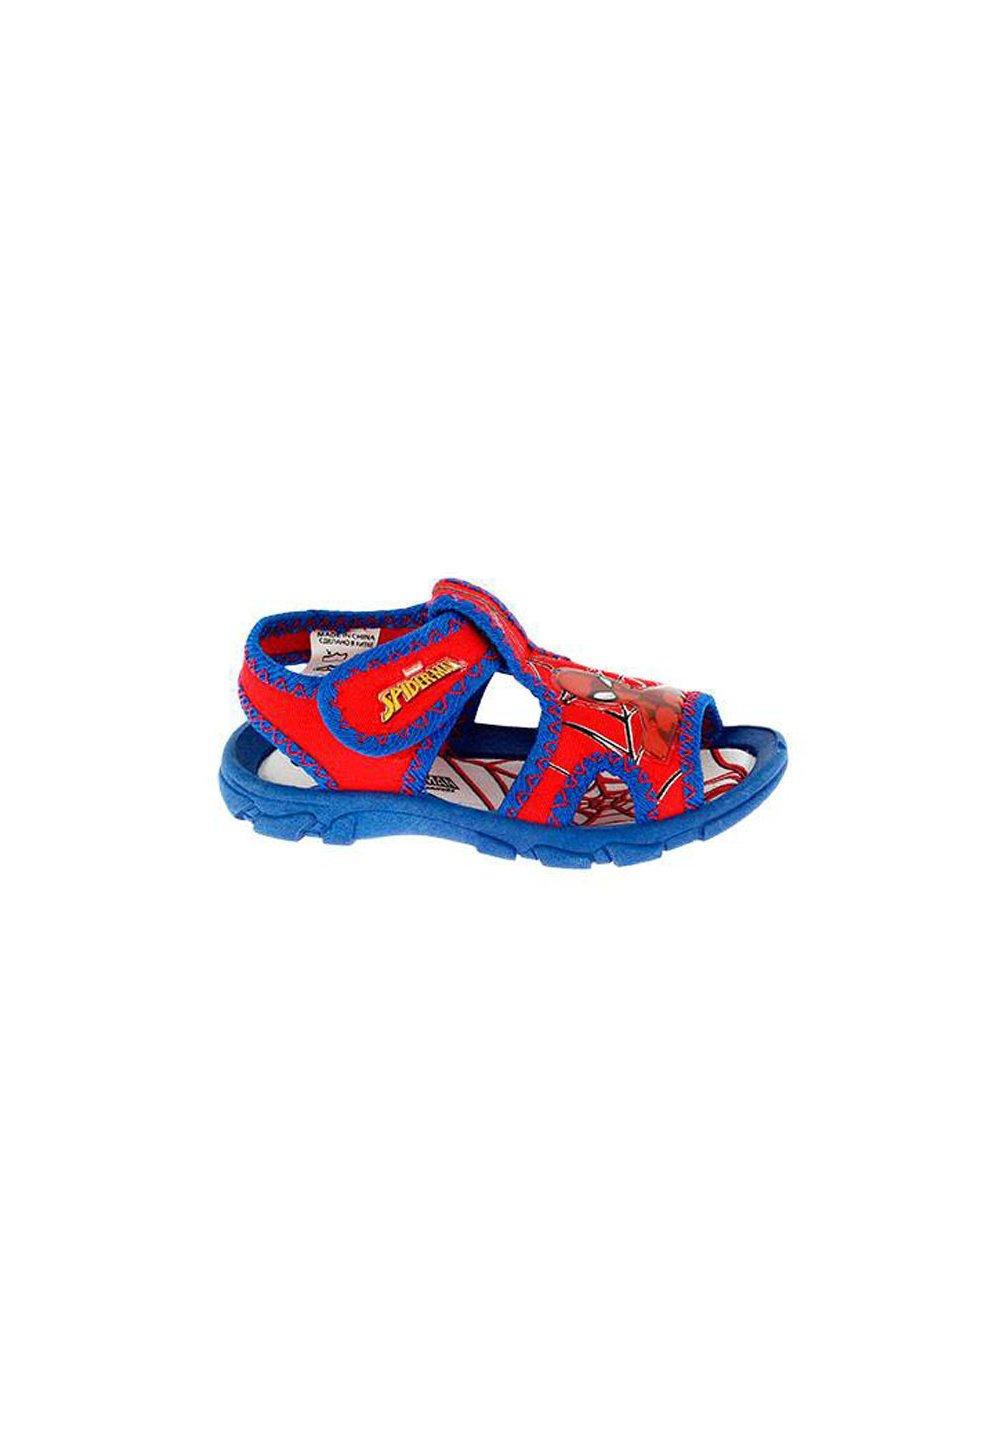 Sandale, rosu cu albastru, Spider-Man